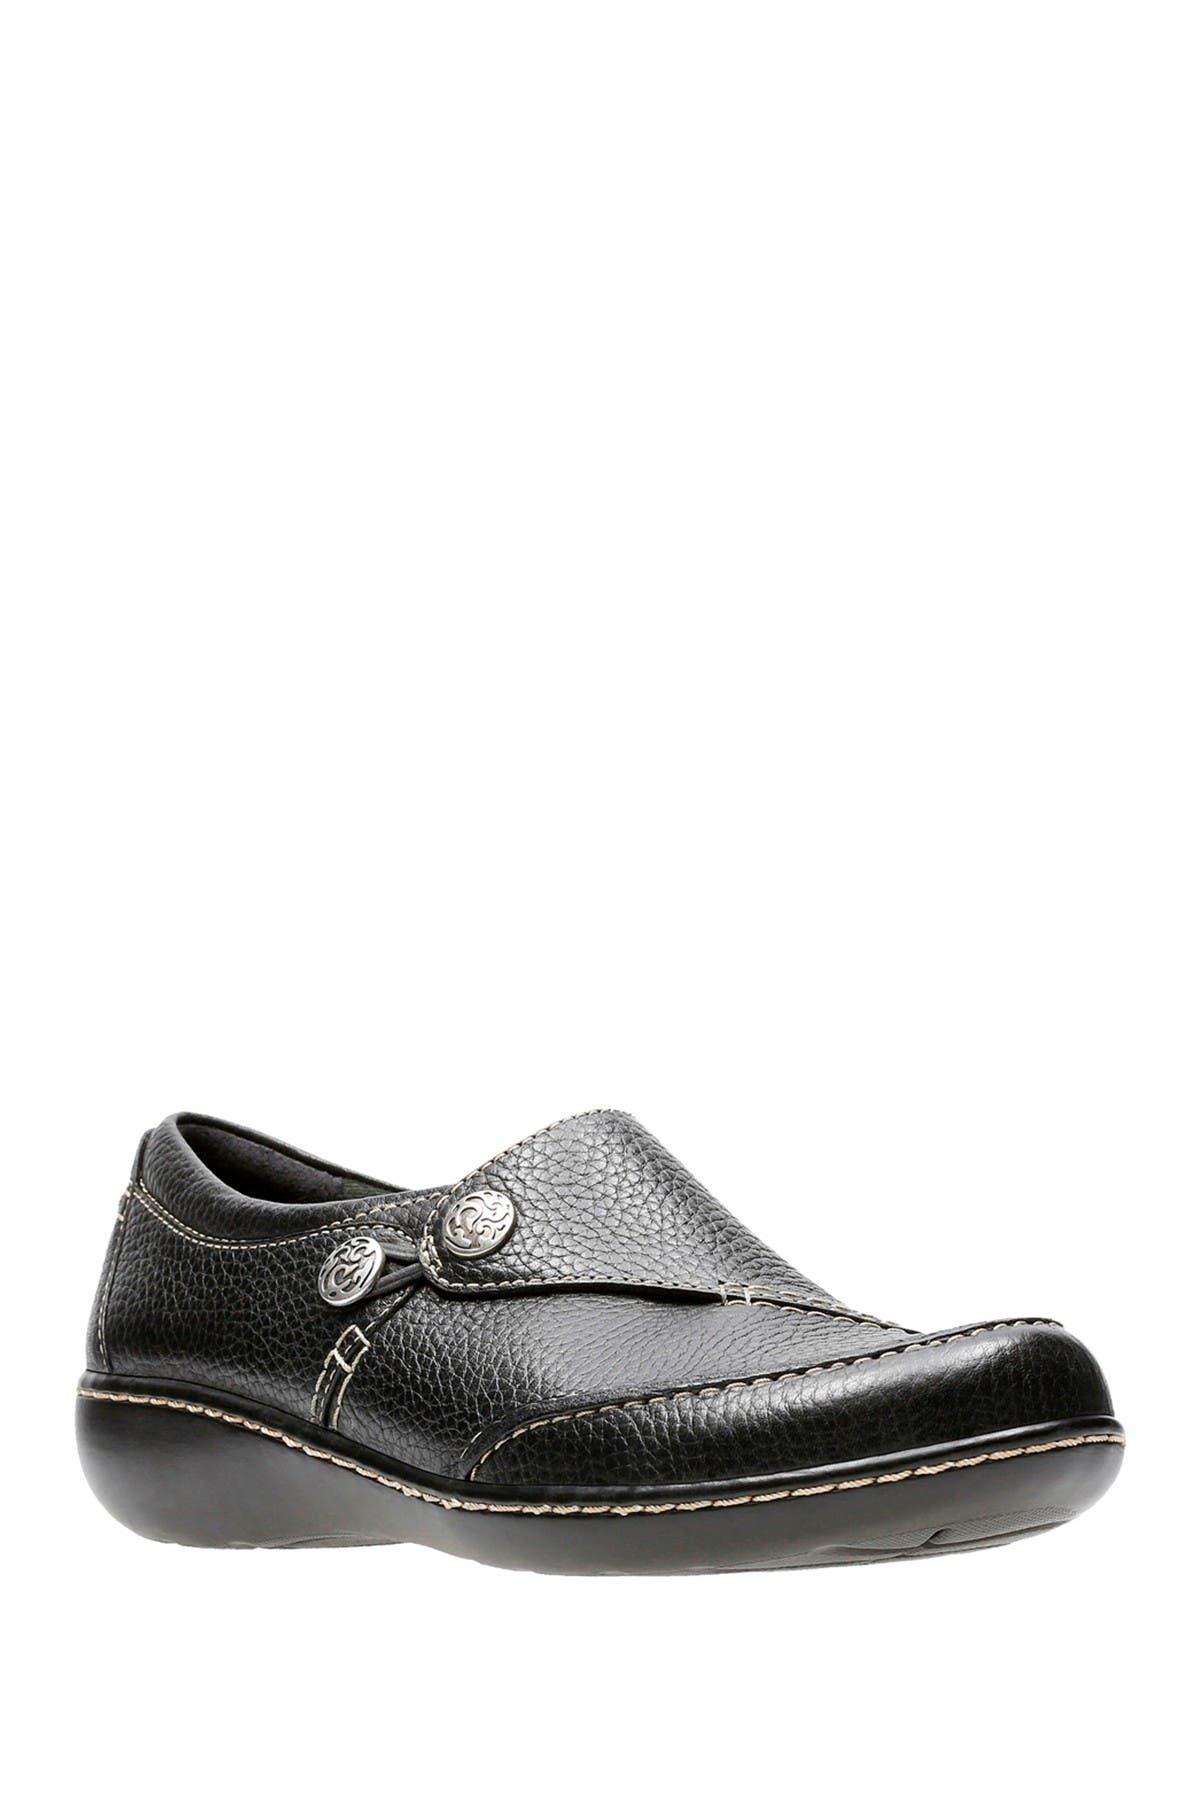 Clarks | Ashland Lane Q Leather Slip-On